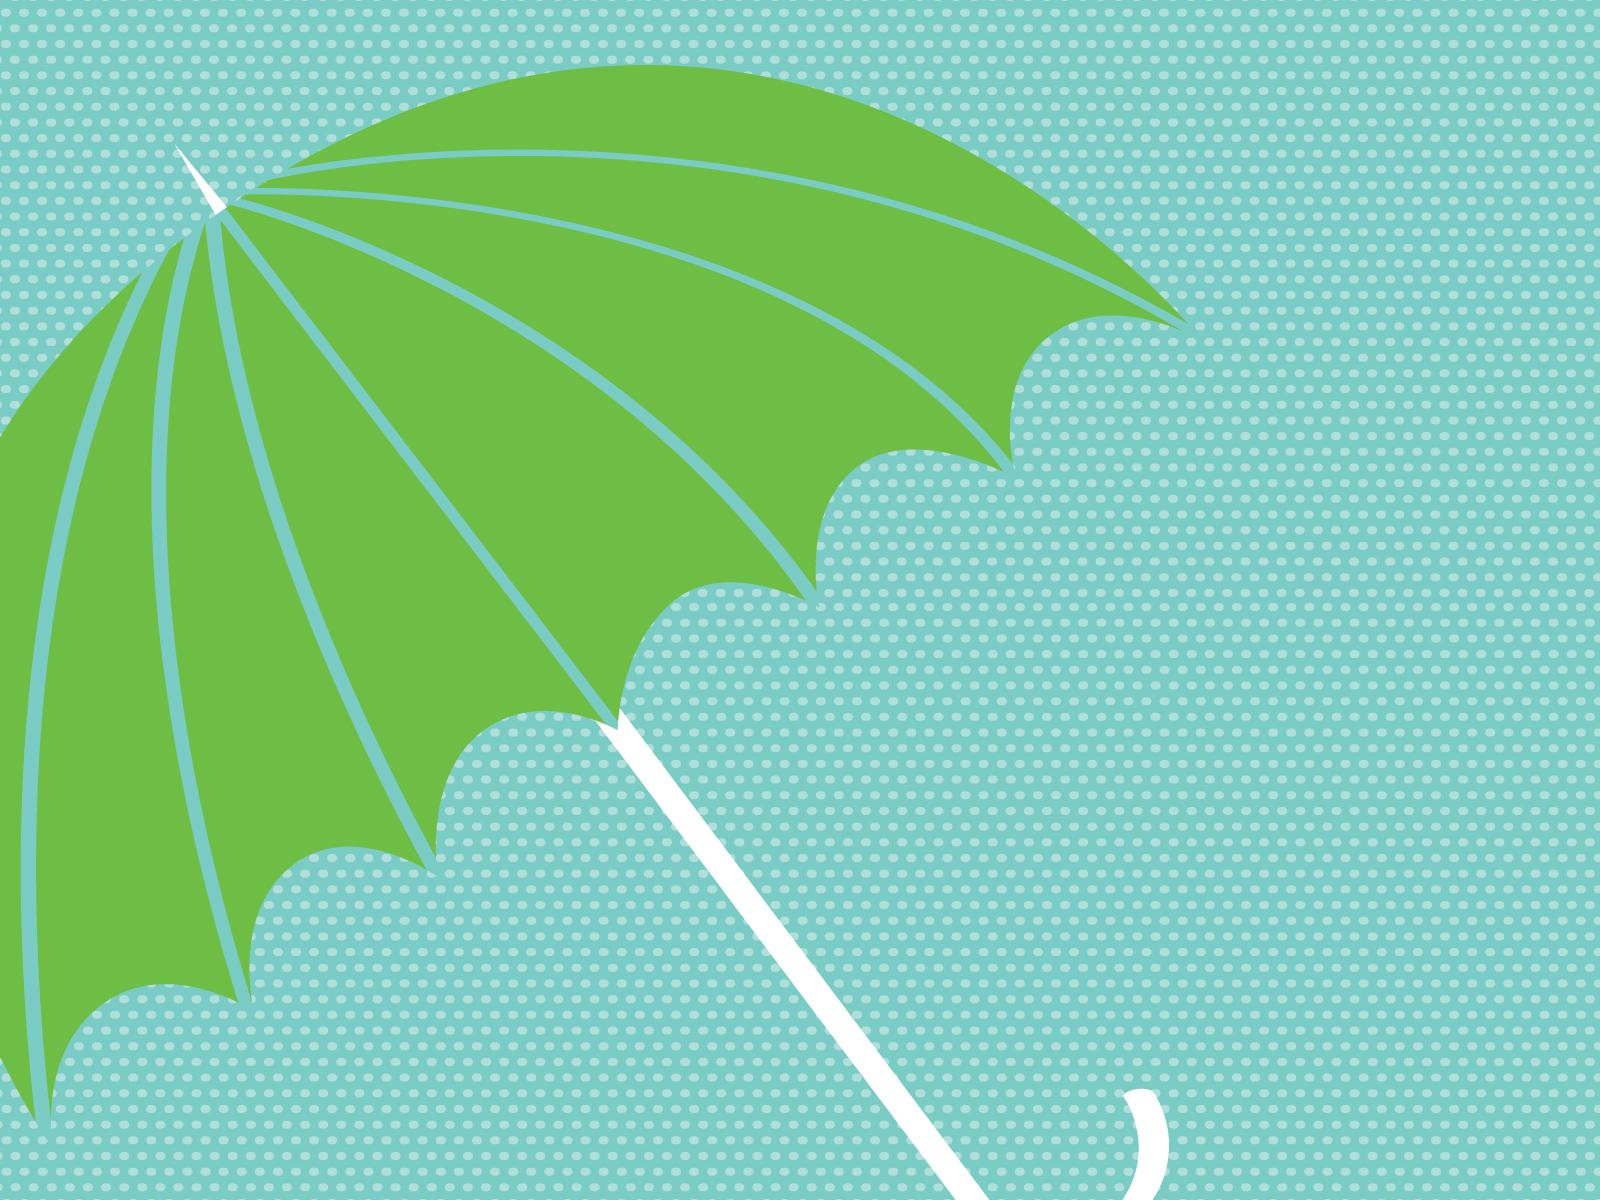 April Showers Wallpaper April x nc wallpaper 1600x1200 888 kb 1600x1200